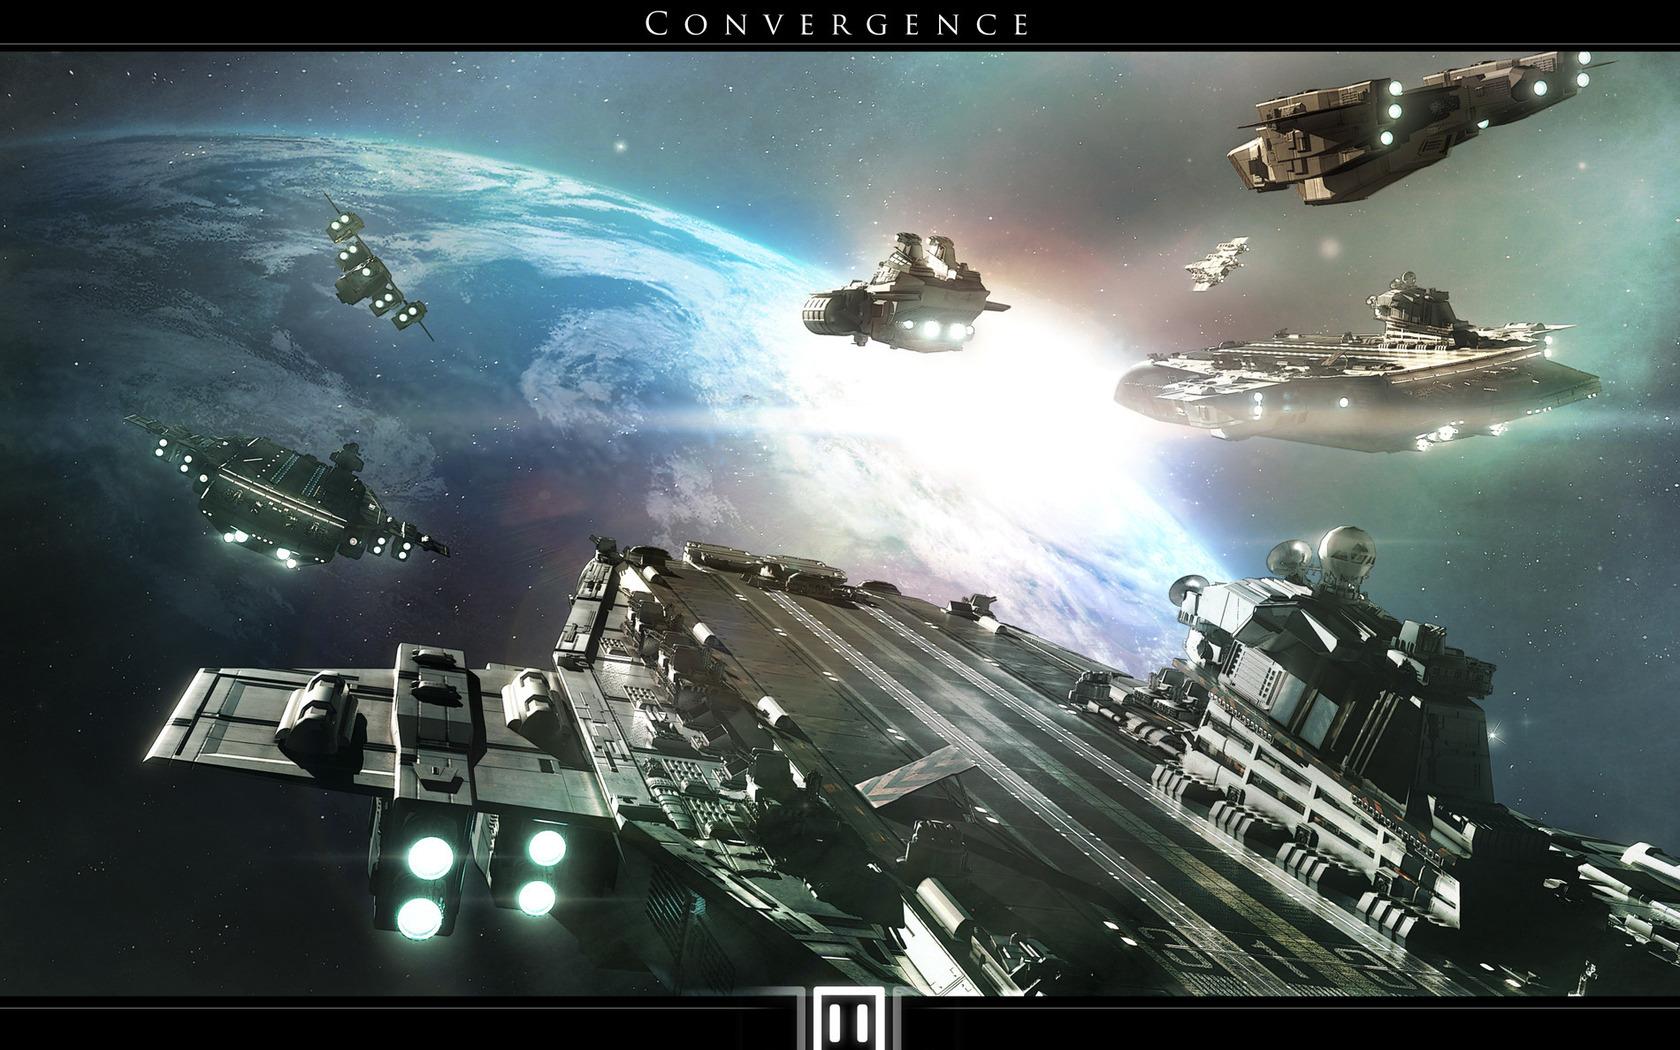 Spaceship Wallpaper an...